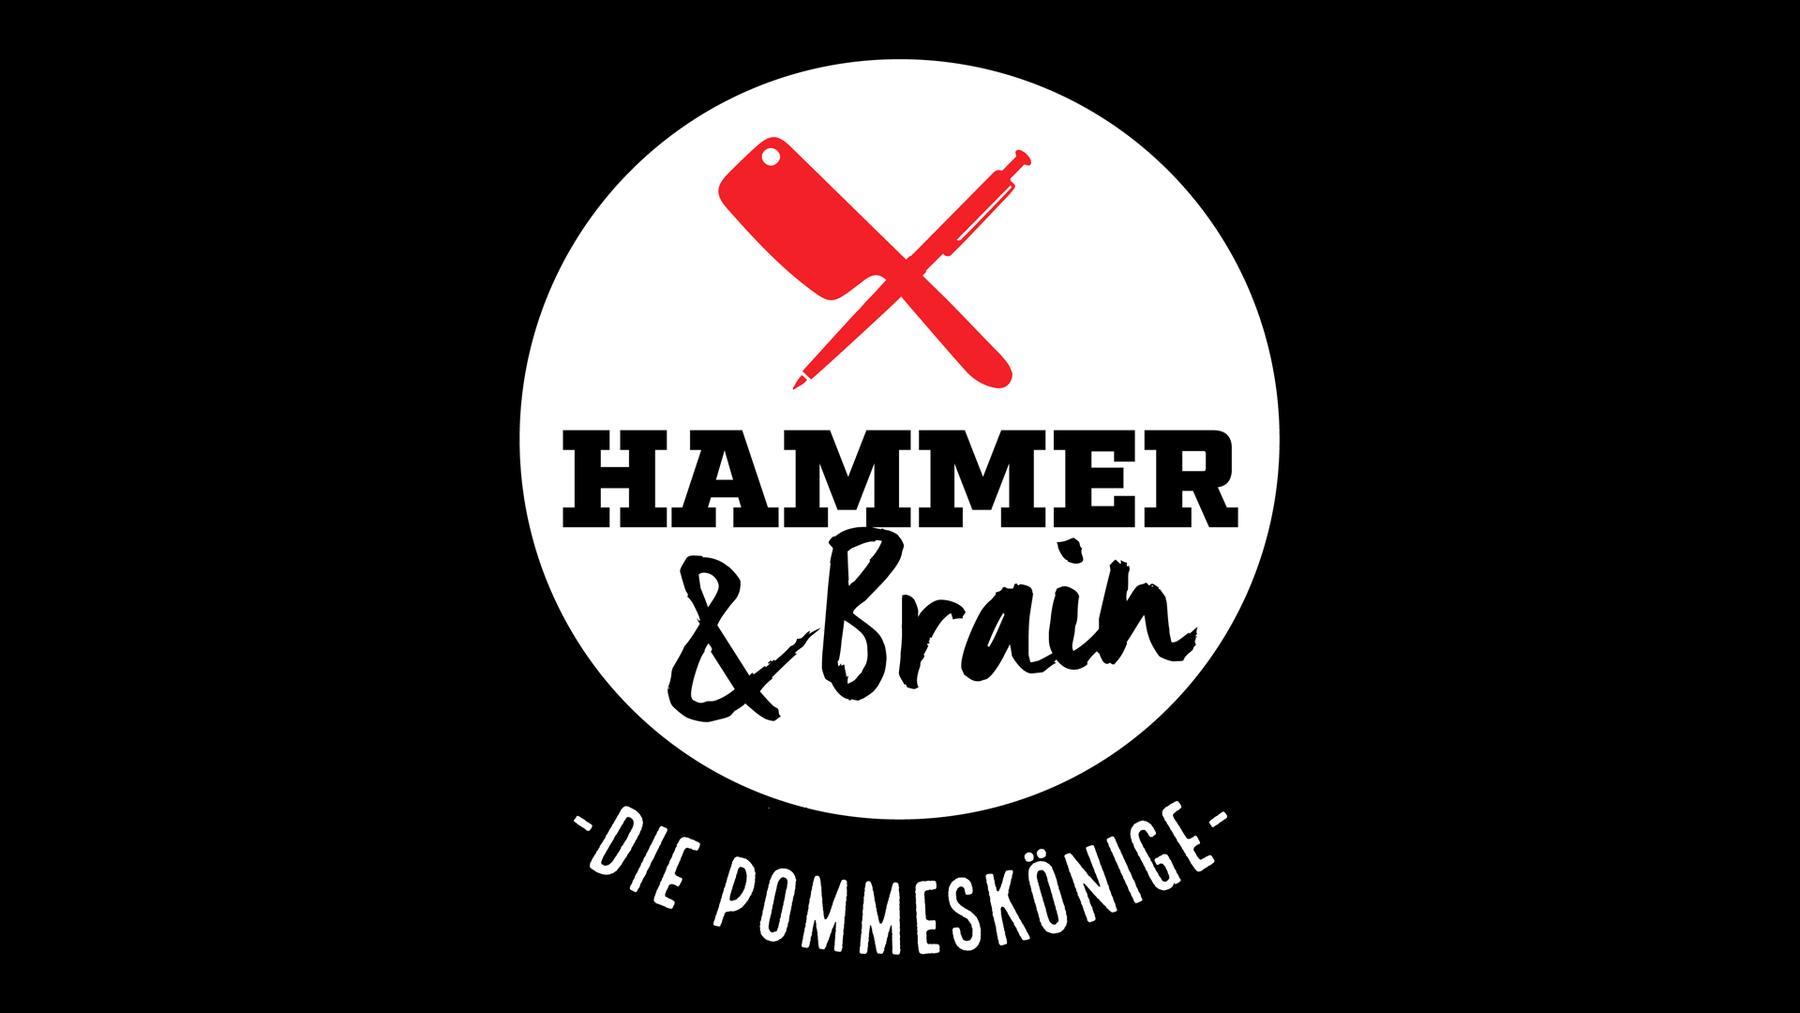 Hammer & Brain - Die Pommeskönige